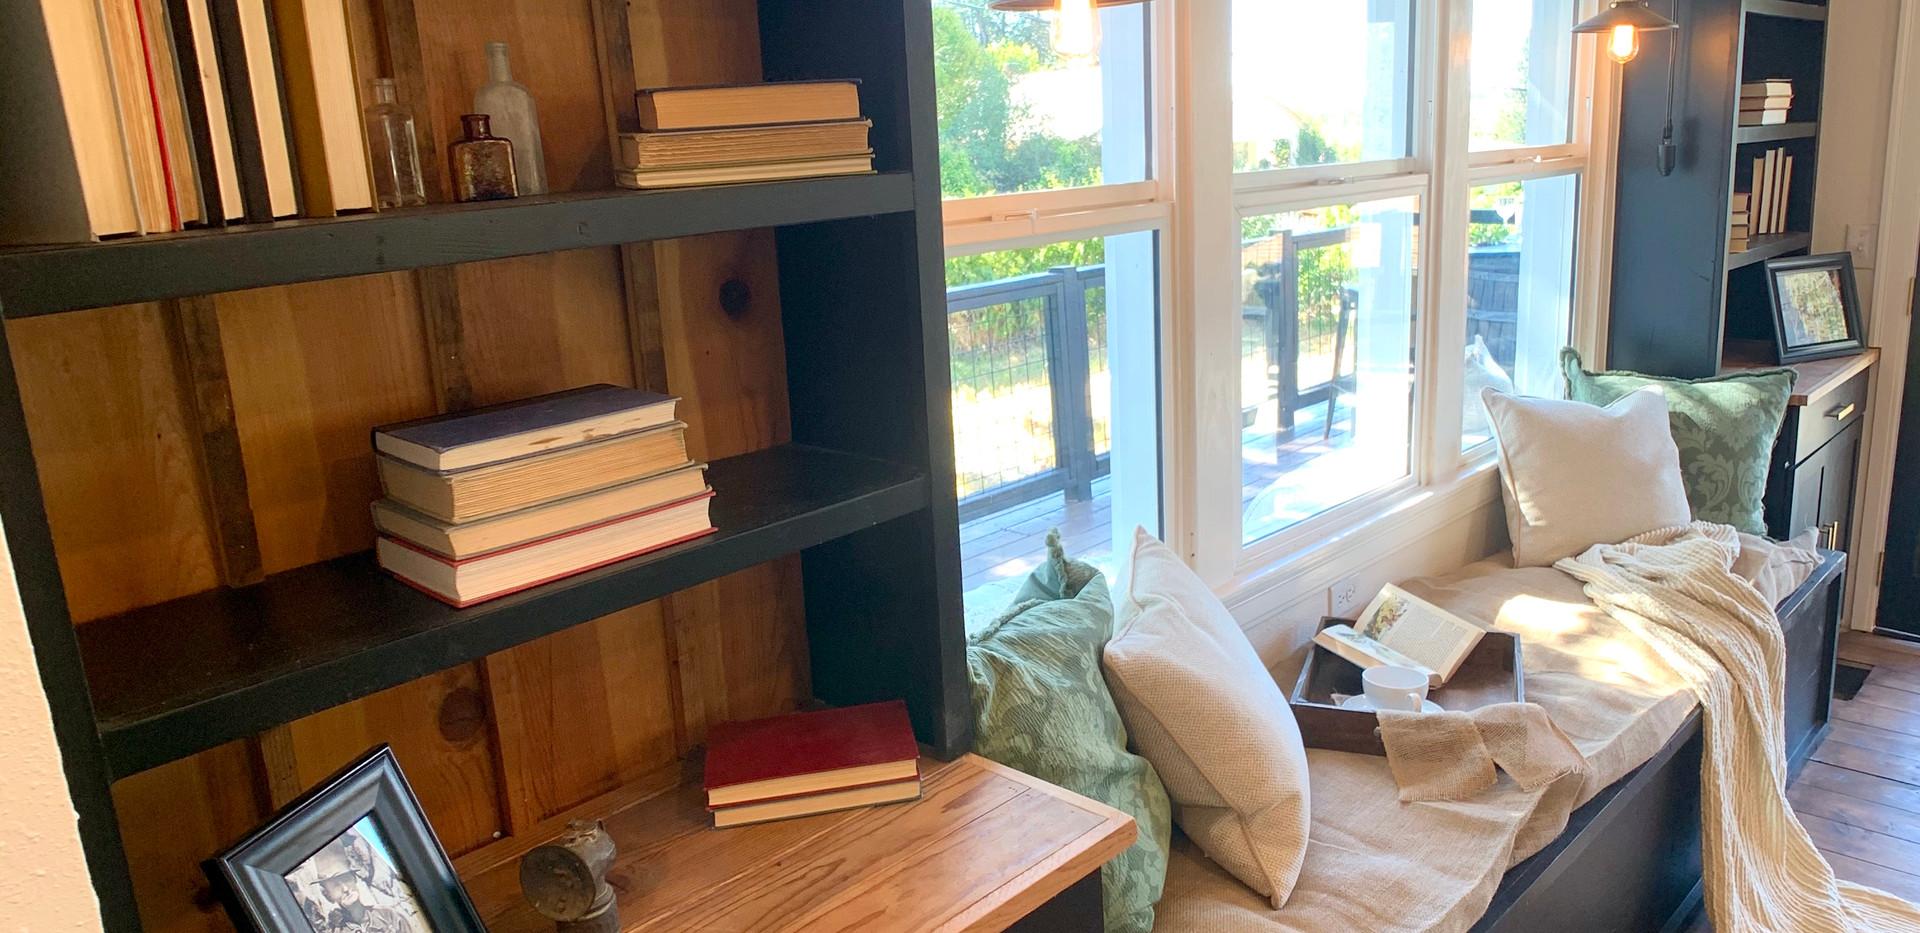 Custom Book Shelves